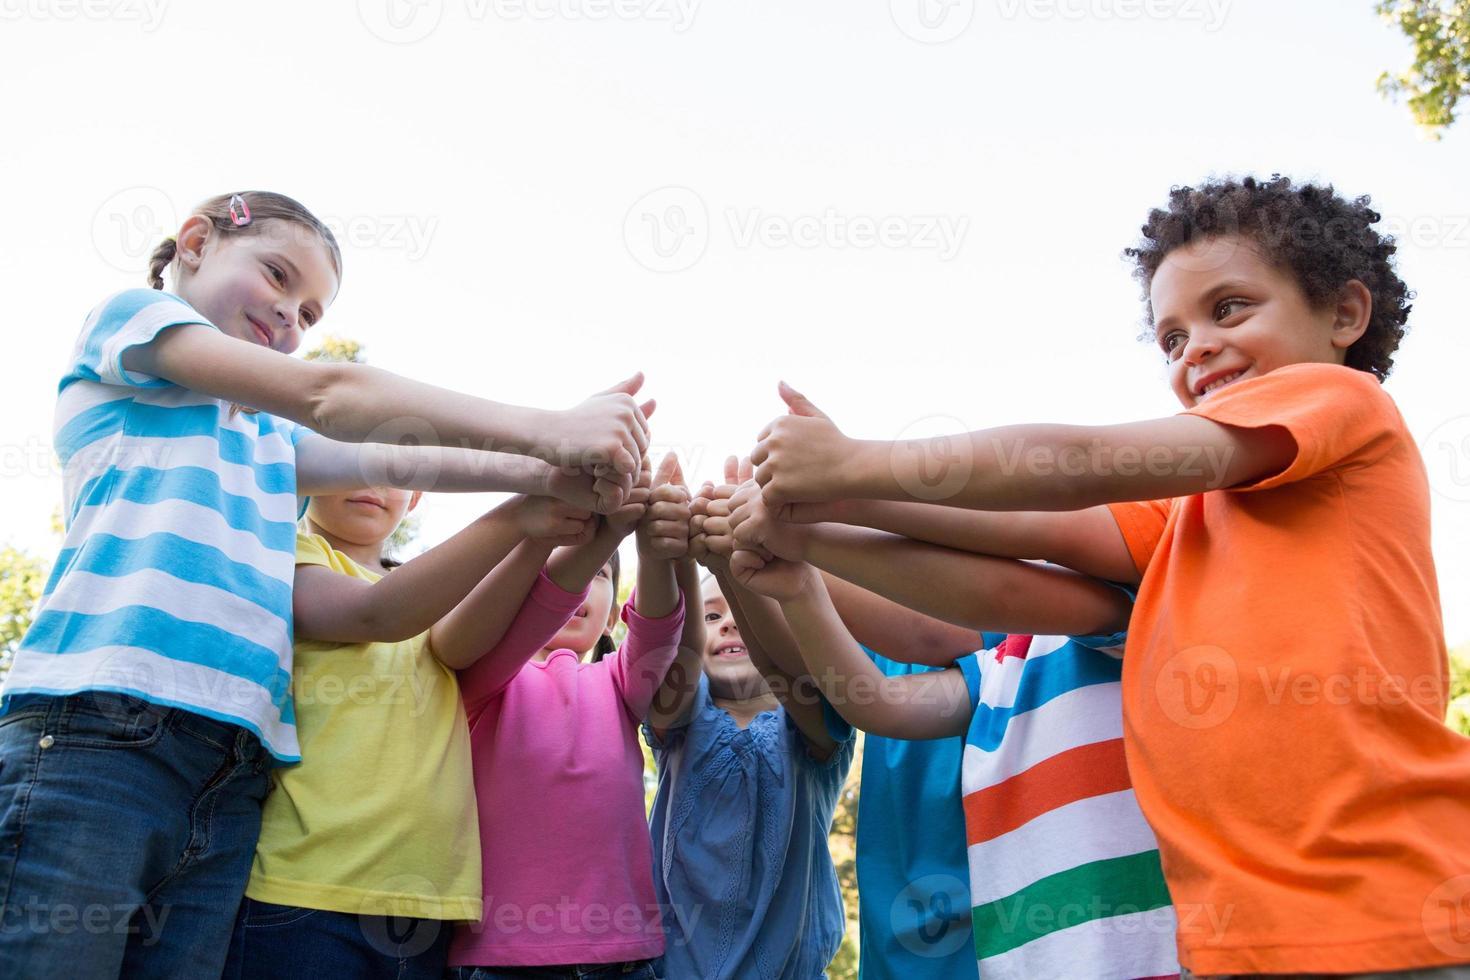 bambini piccoli che mettono insieme i pollici foto